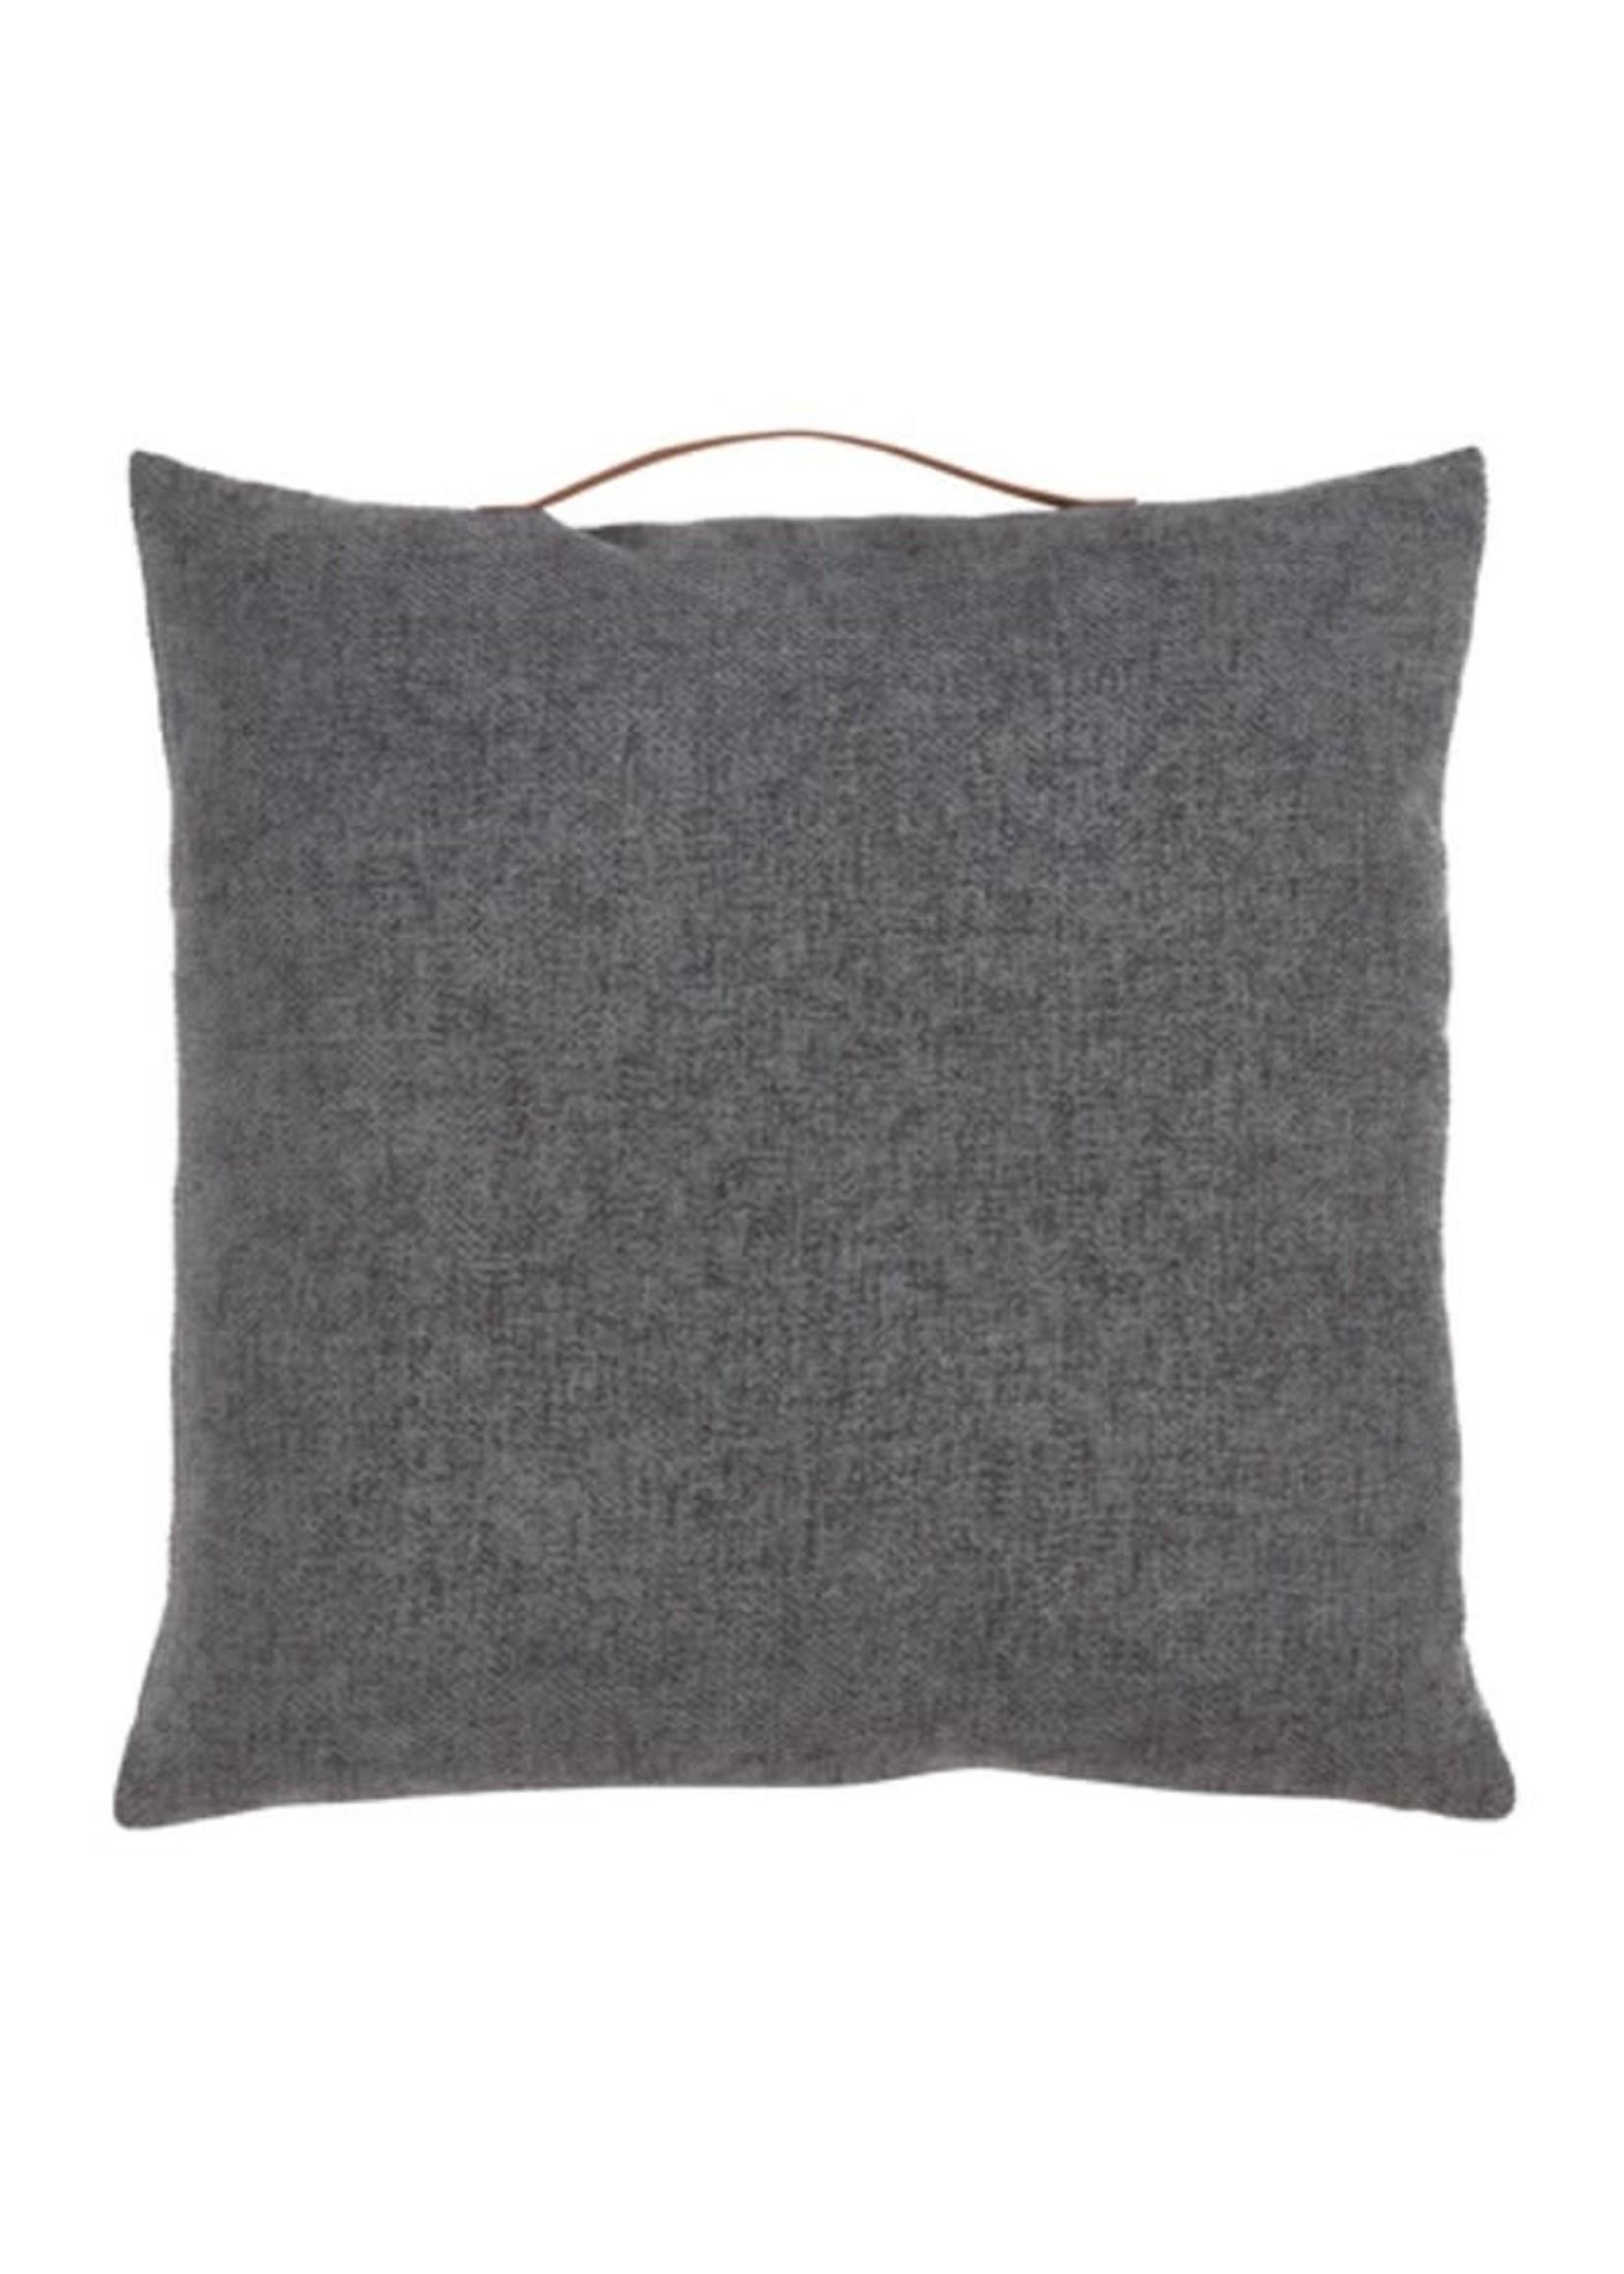 Saro SARO Chenile Pillow w/Handle Poly Filled-  Slate